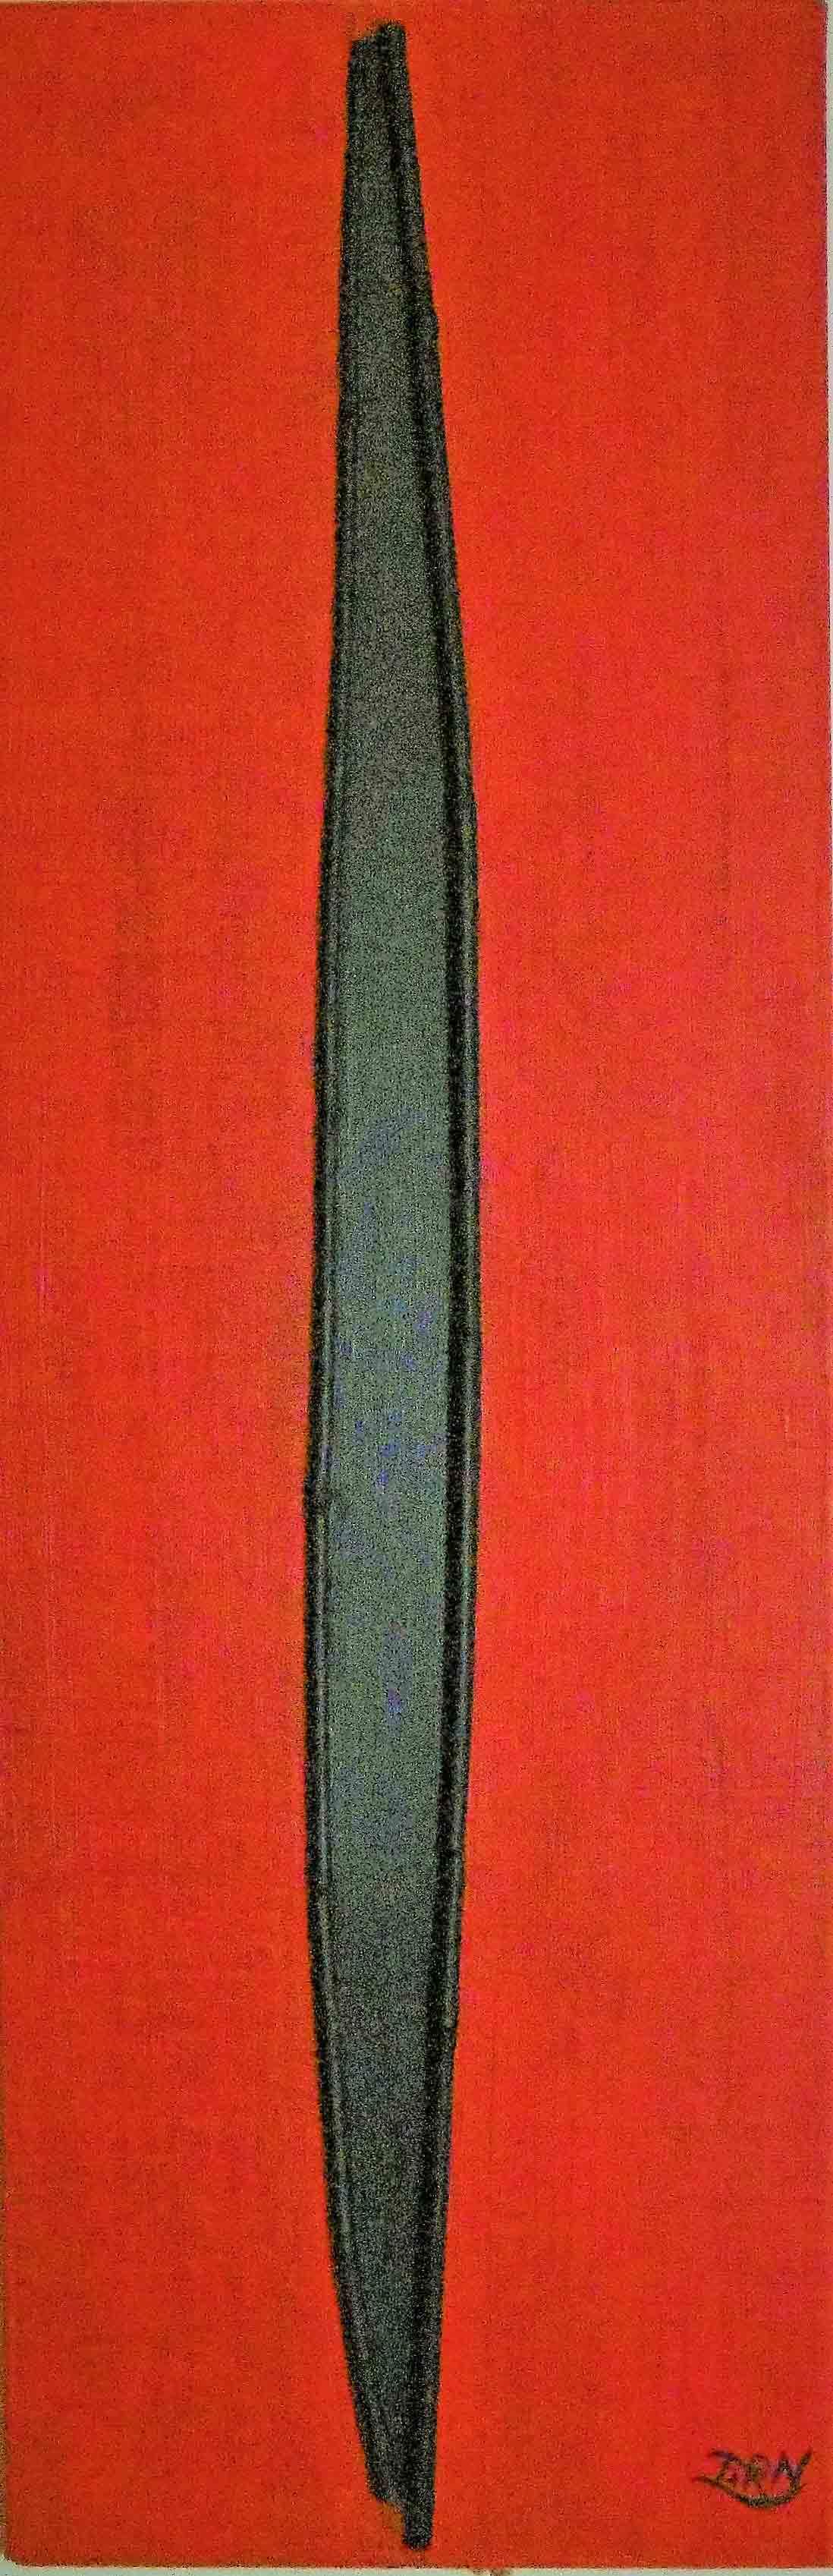 Verlangen. Bamboe-Reliëf, Wim Zorn Kunstenaar